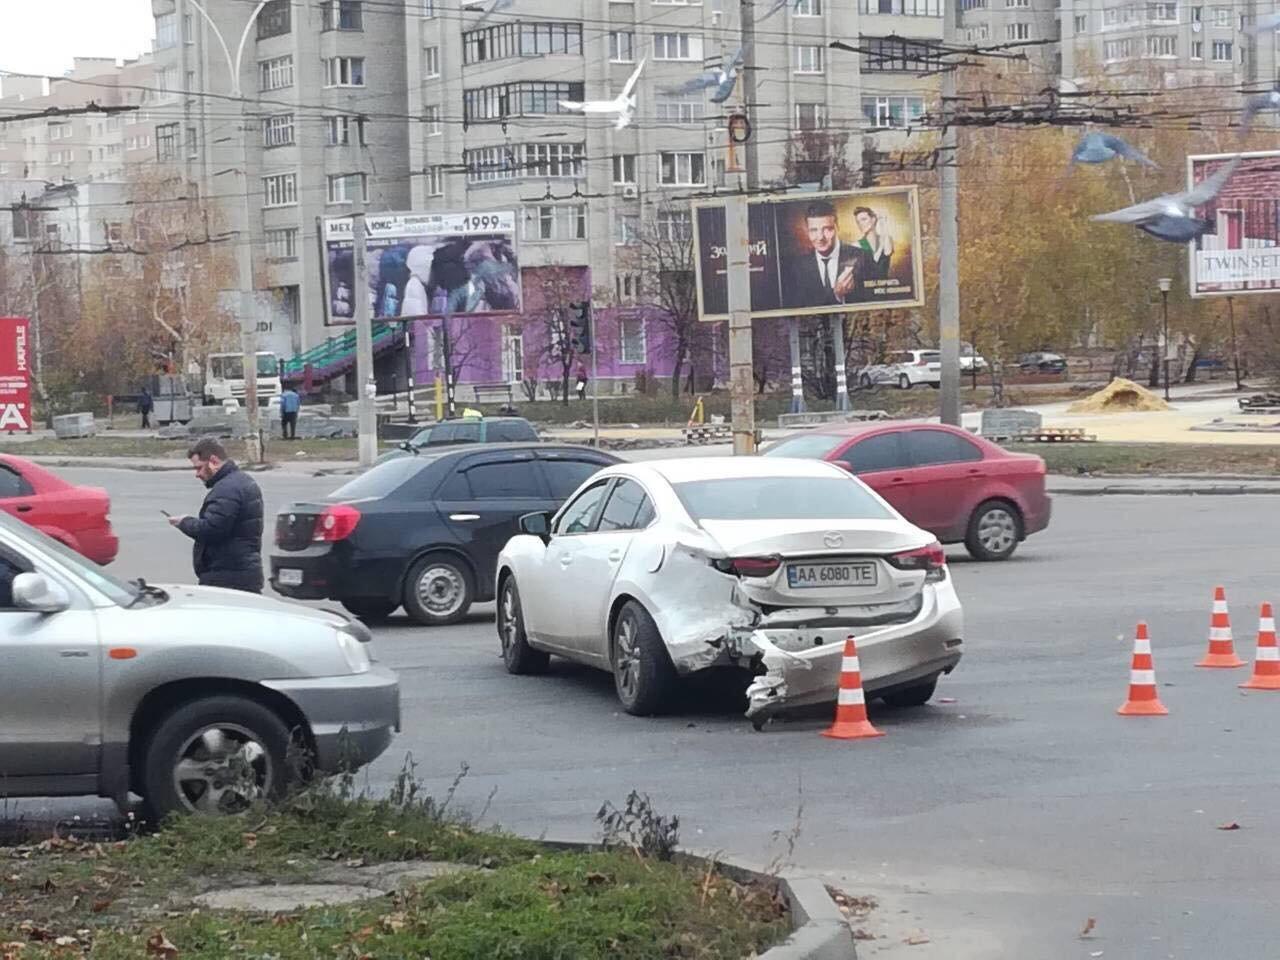 Появилось видео ДТП в Сумах, в котором водитель иномарки протаранил легковушку, наехал на пешехода и пытался покинуть место аварии, фото-2